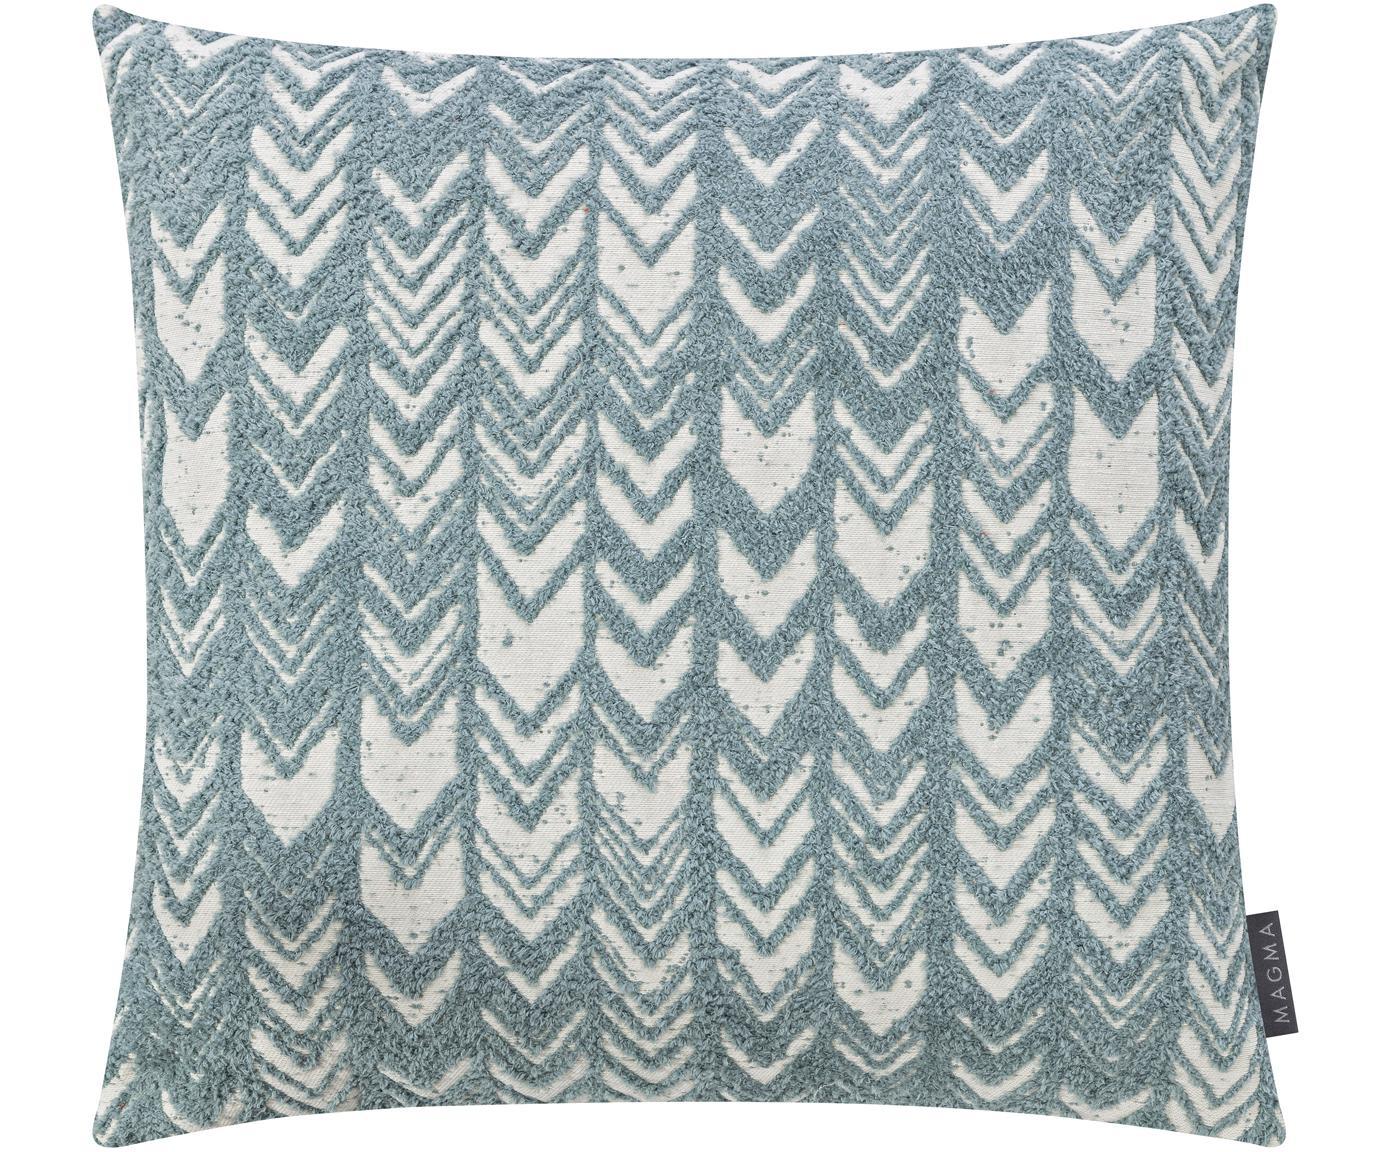 Kissenhülle Tilas mit Hoch-Tief-Muster & Samt-Rückseite, Vorderseite: 87%Polyester, 13%Baumwo, Rückseite: Polyestersamt, Mintblau, Creme, 50 x 50 cm